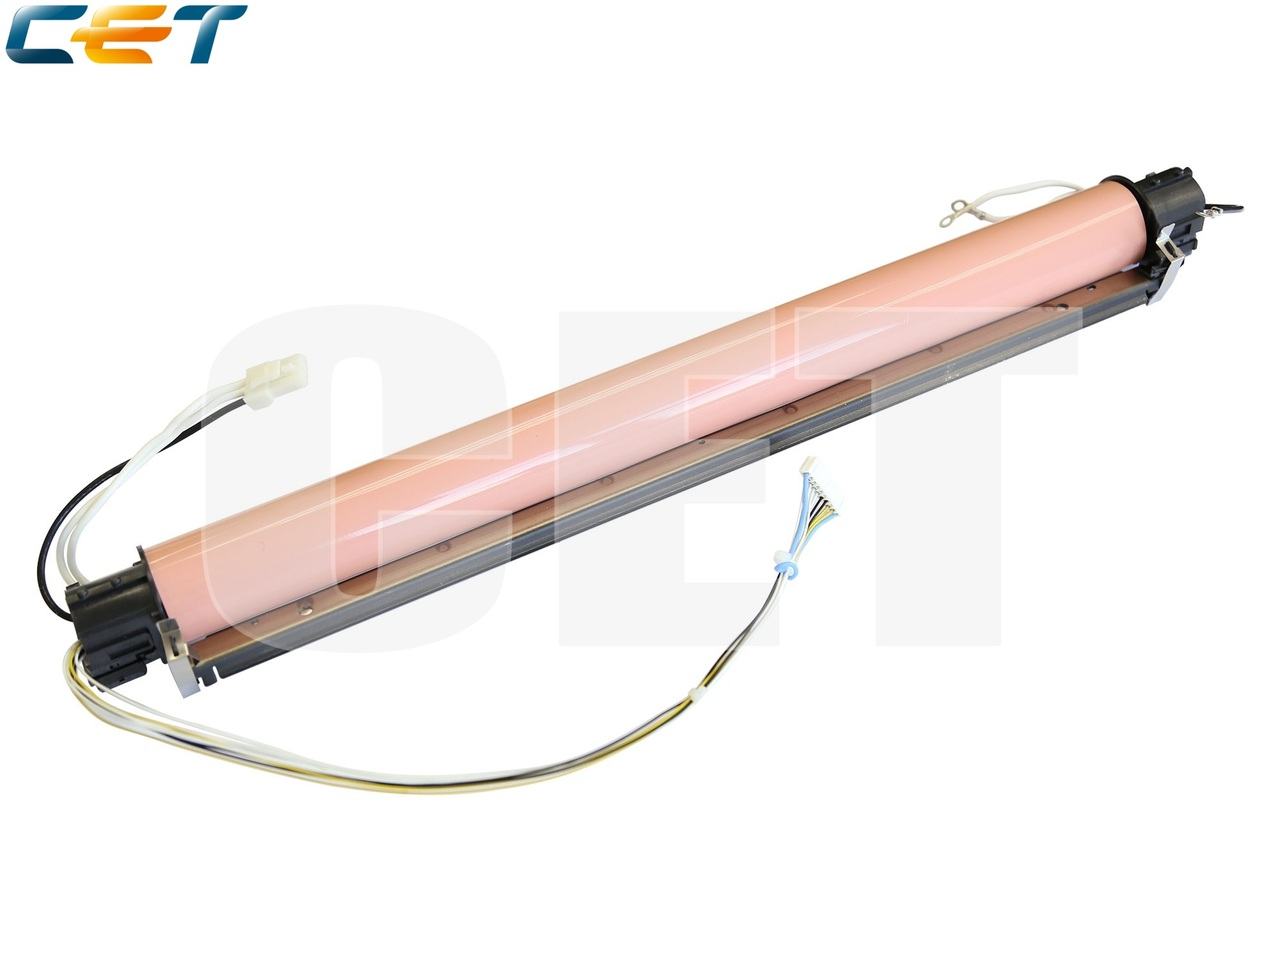 Нагревательный элемент в сборе с термопленкойFM3-5951-000 для CANON iR ADVANCEC5030/C5035/C5045/C5051/C5235/C5240/C5250/C5255 (CET),CET5223